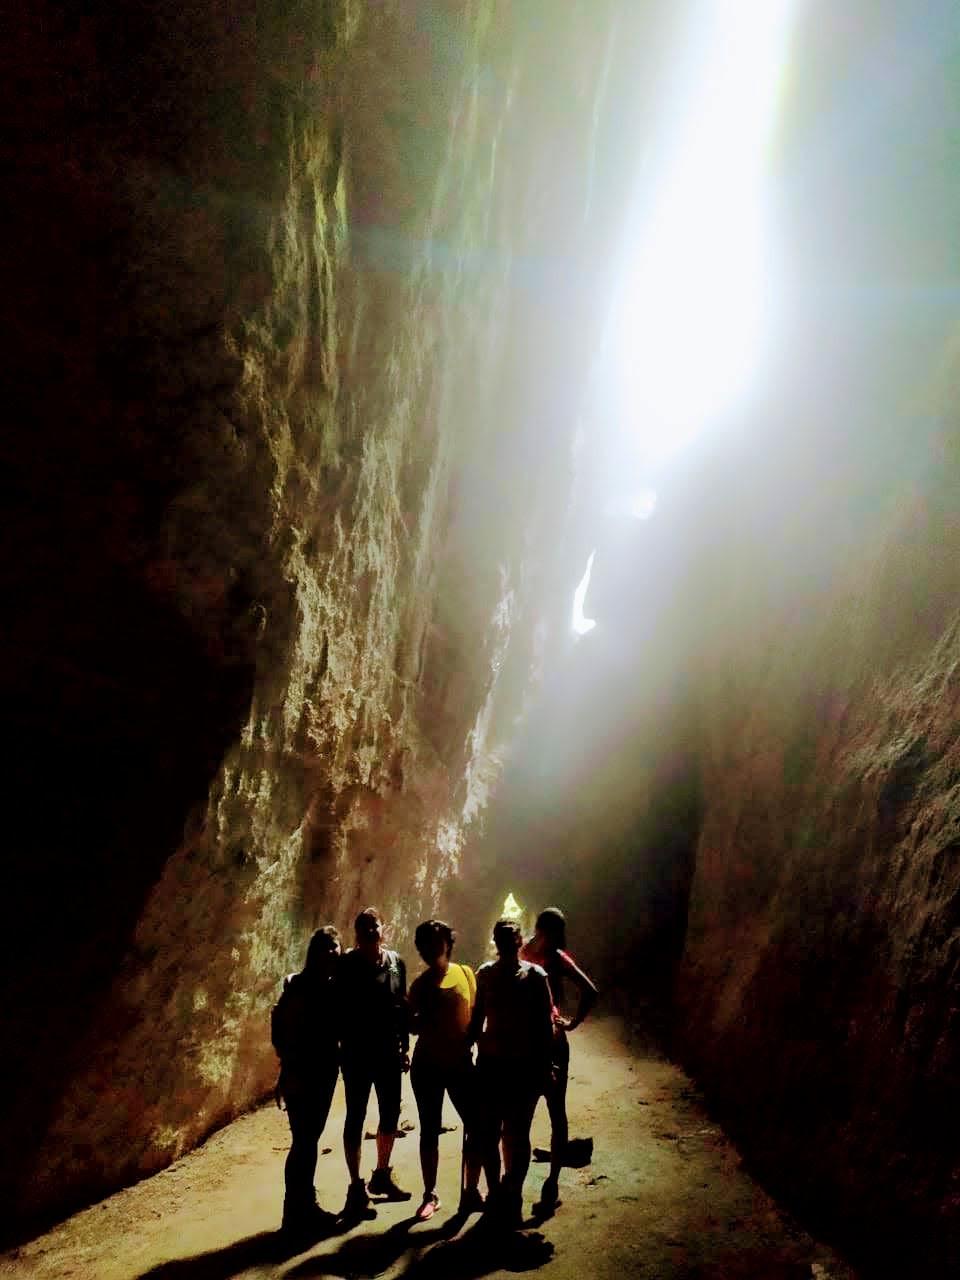 foto com cinco pessoas dentro de uma gruta